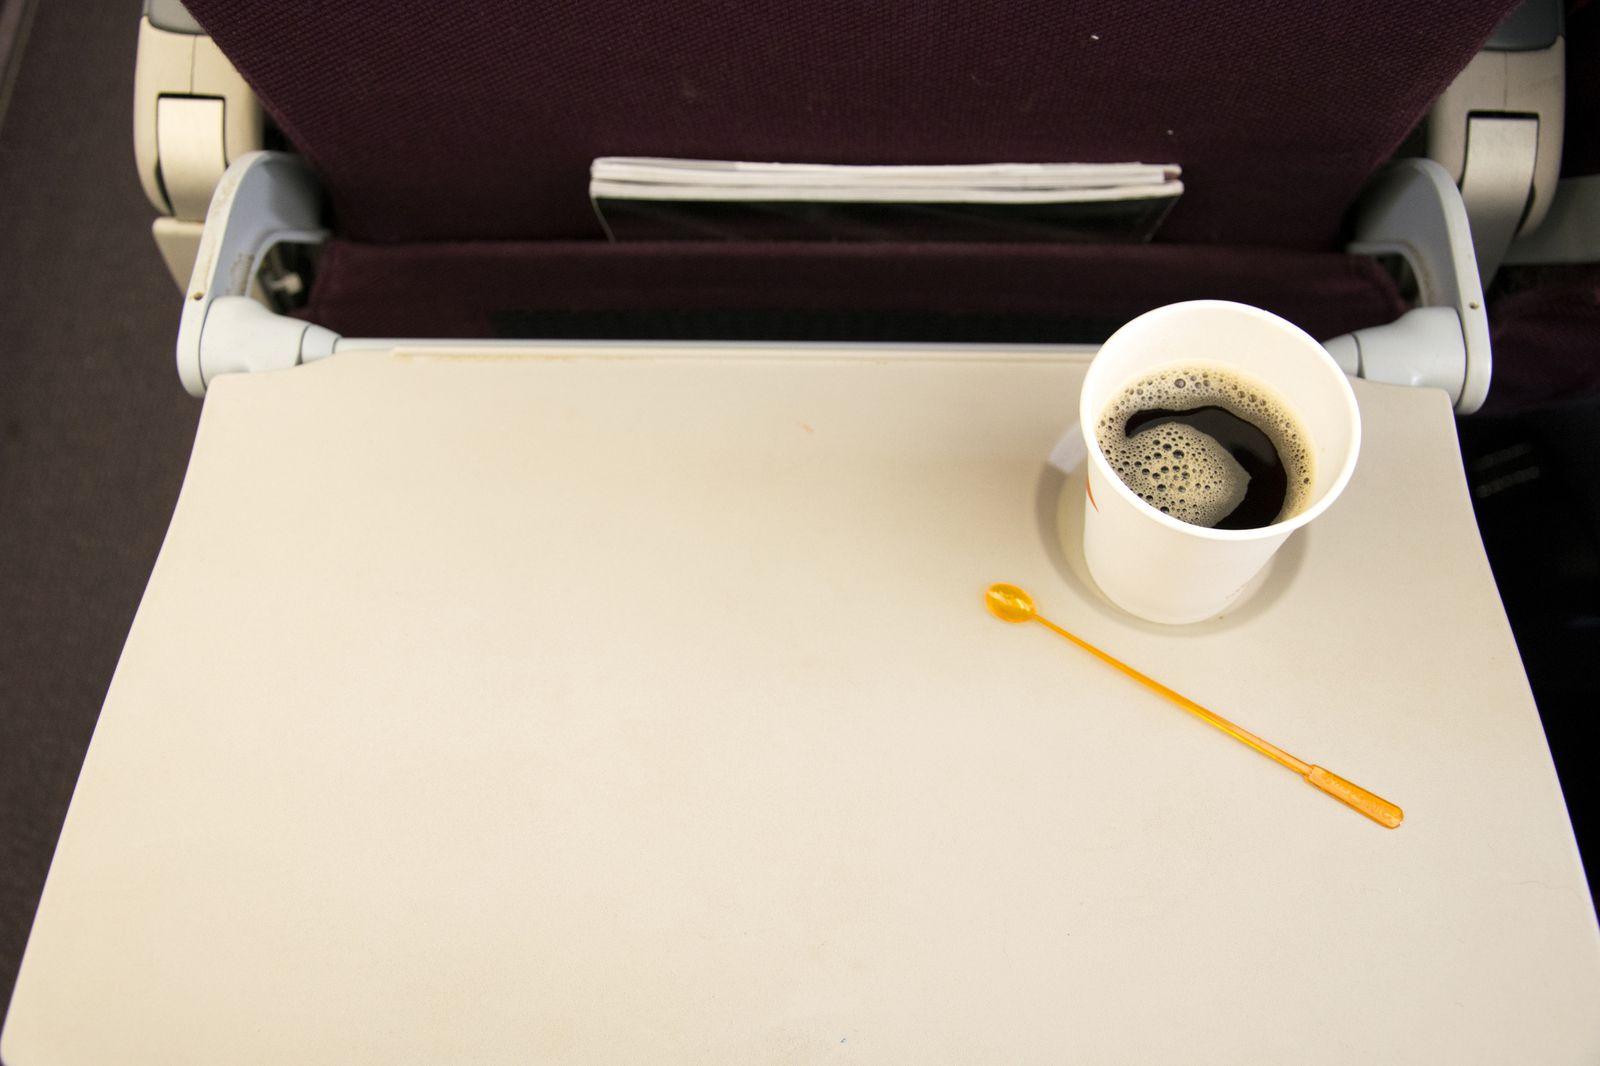 Γιατί καλό είναι να αποφεύγεις να πίνεις καφέ στο αεροπλάνο